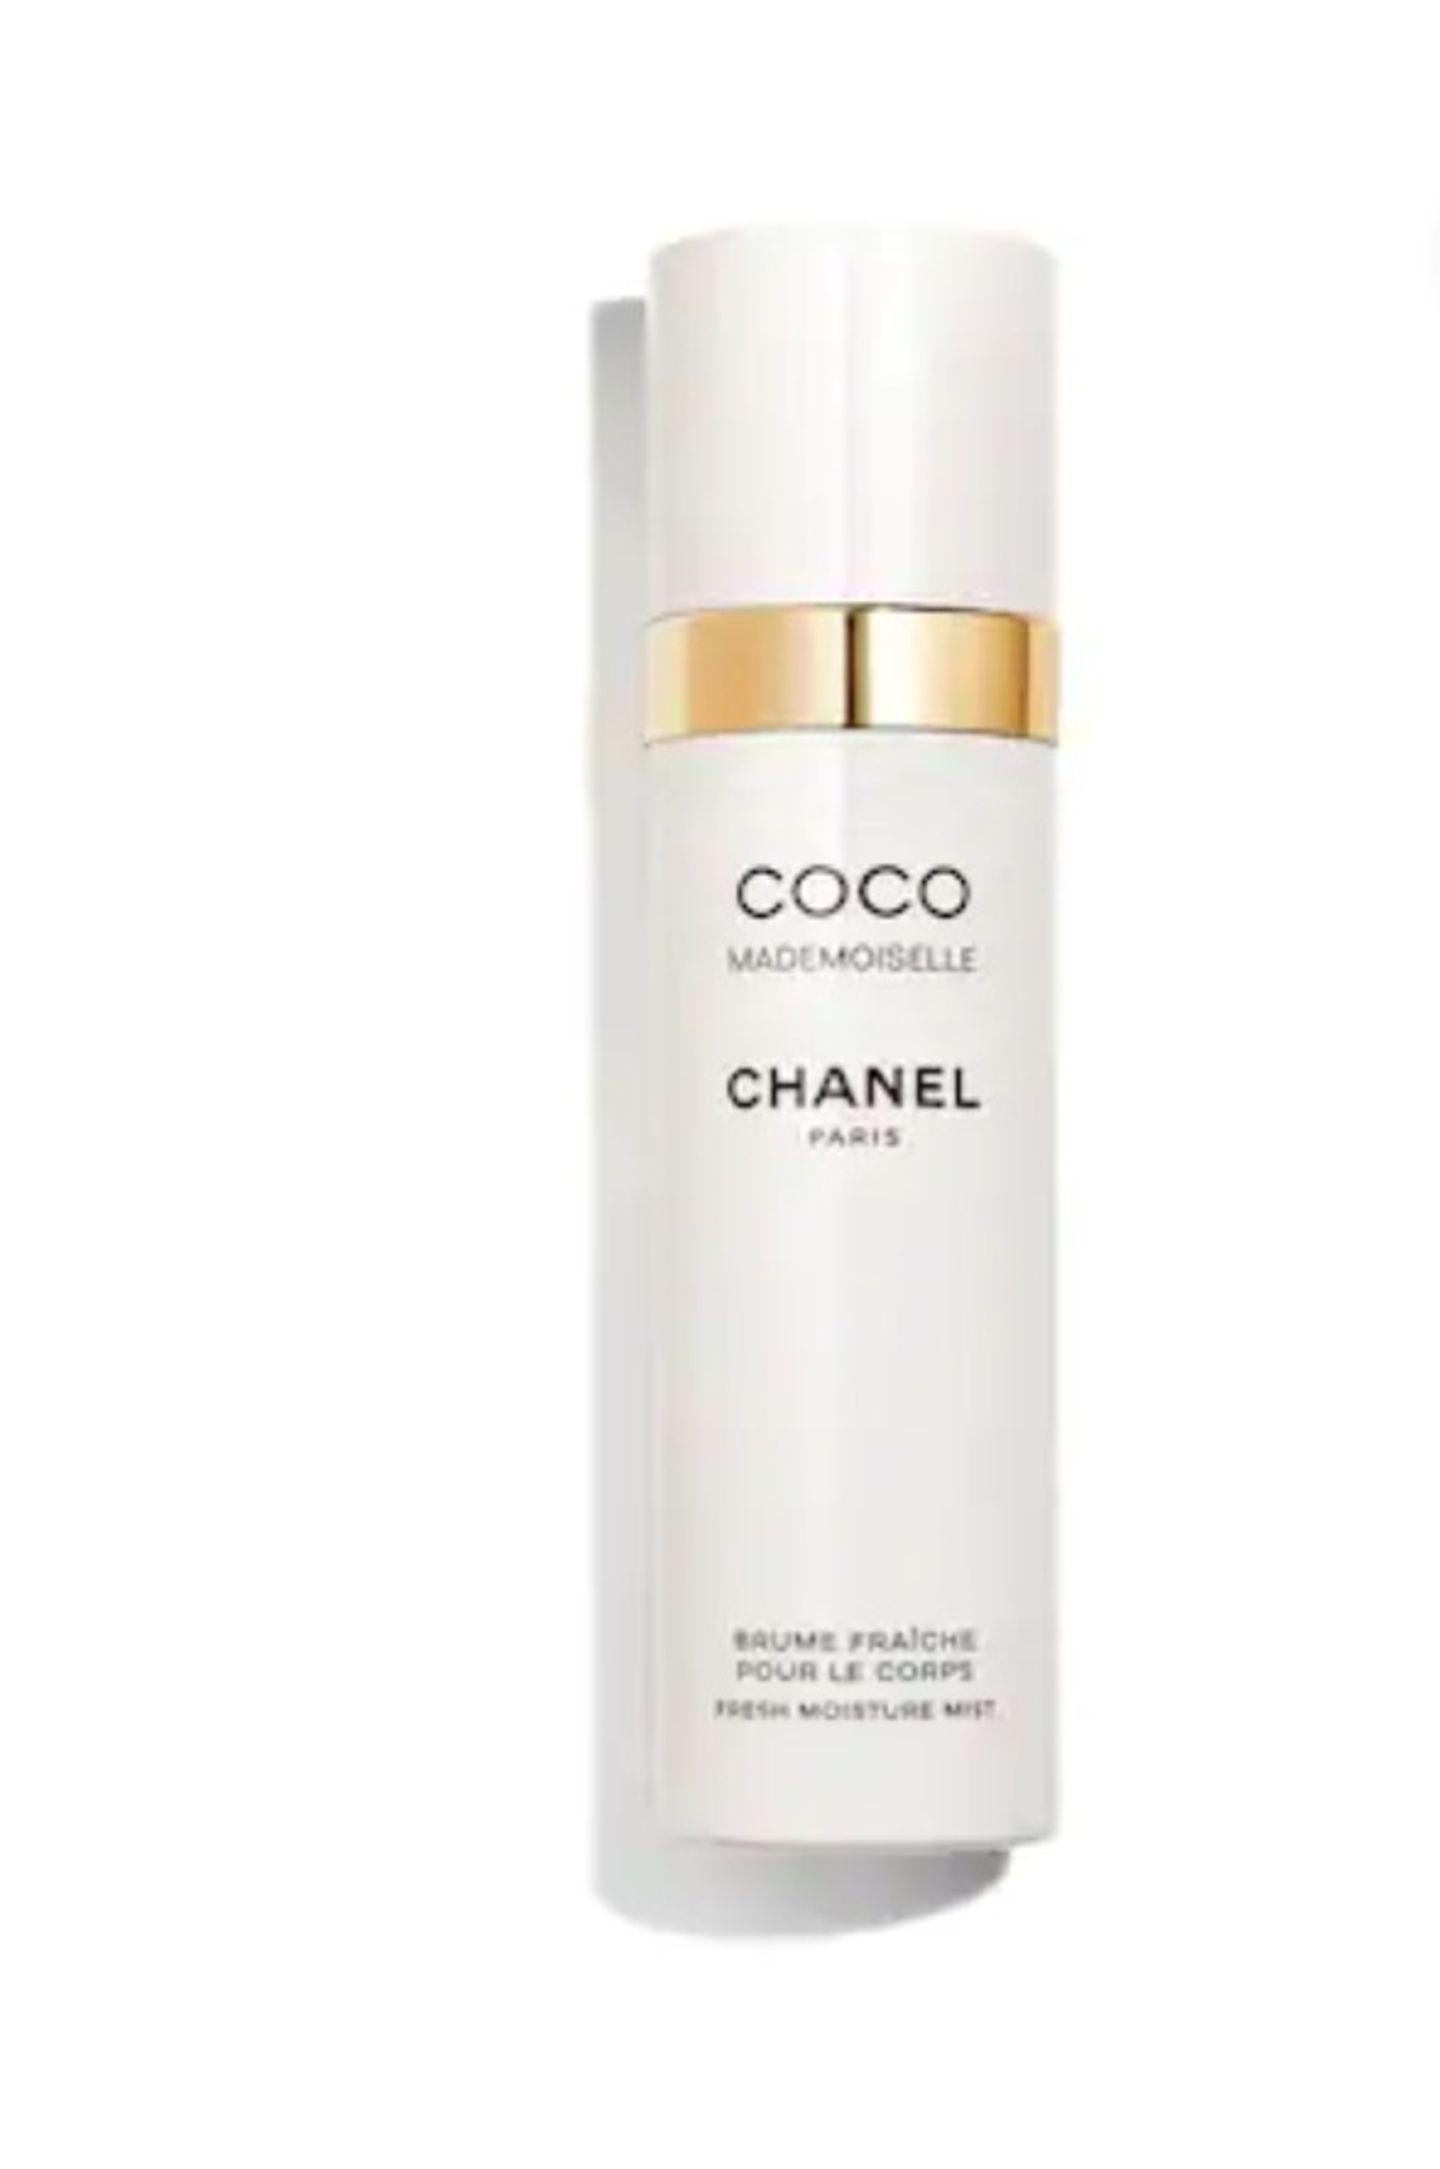 """Frisch und blumig – so riecht der legendäre Duft """"Coco Mademoiselle"""" aus dem Hause Chanel.Das Körperspray mit feuchtigkeitsspendender Wirkung ist die perfekte Ergänzung zum Parfum und perfekt für all diejenigen, die sich nur einen Hauch Chanel auf ihrer Haut wünschen. Um 44 Euro."""